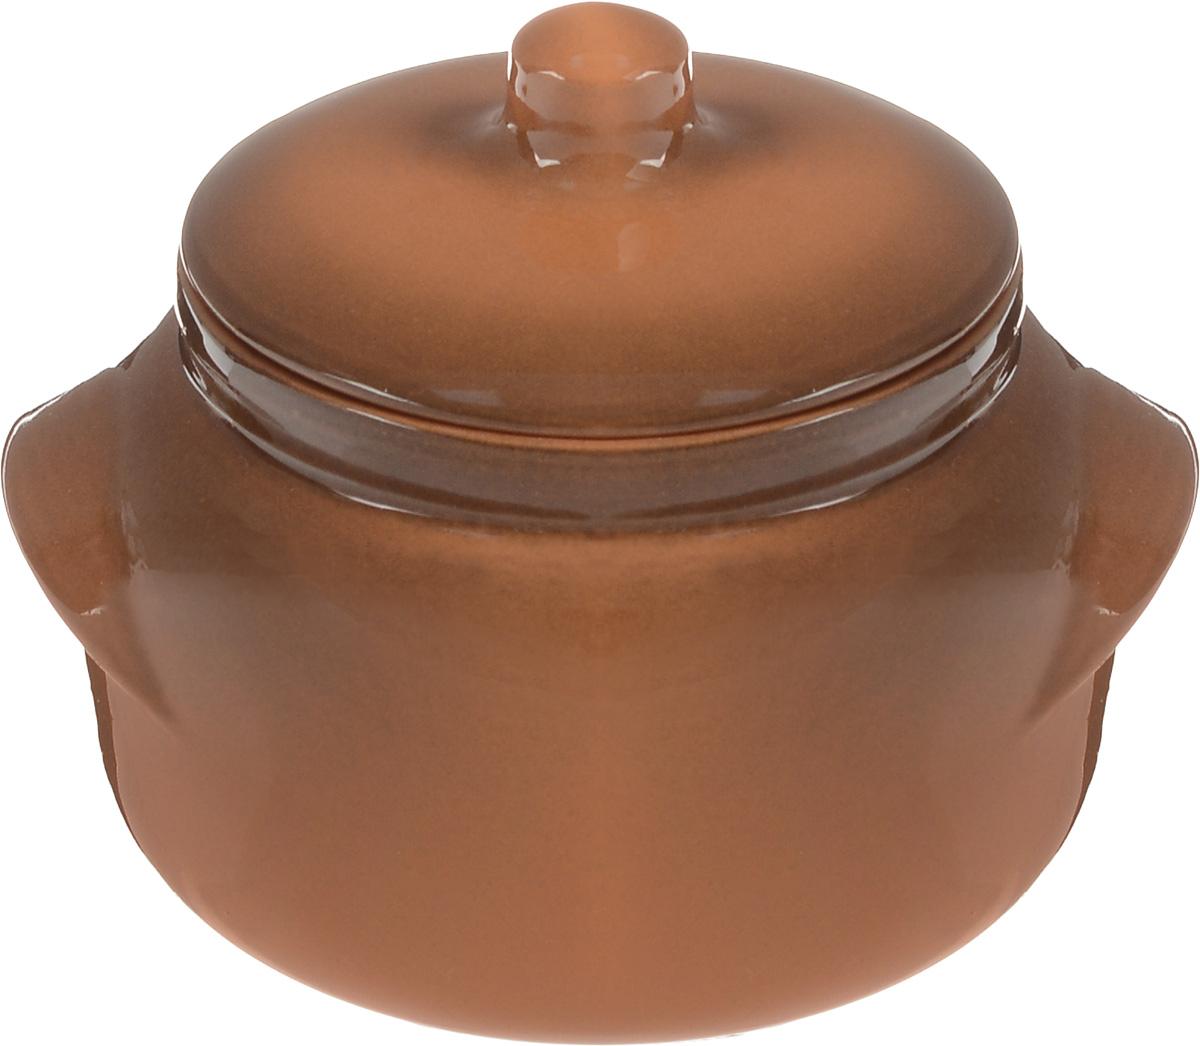 Горшок для запекания Борисовская керамика Новарусса, цвет: коричневый, 500 млОБЧ00000905Горшок для запекания Борисовская керамика Новарусса с крышкой выполнен из высококачественной керамики. Уникальные свойства красной глины и толстые стенки изделия обеспечивают эффект русской печи при приготовлении блюд. Блюда, приготовленные в керамическом горшке, получаются нежными и сочными. Вы сможете приготовить мясо, сделать томленые овощи и все это без капли масла. Это один из самых здоровых способов приготовления пищи. Можно использовать в духовке и микроволновой печи. Диаметр горшка (по верхнему краю): 10 см.Высота стенок: 8 см. Объем: 500 мл.